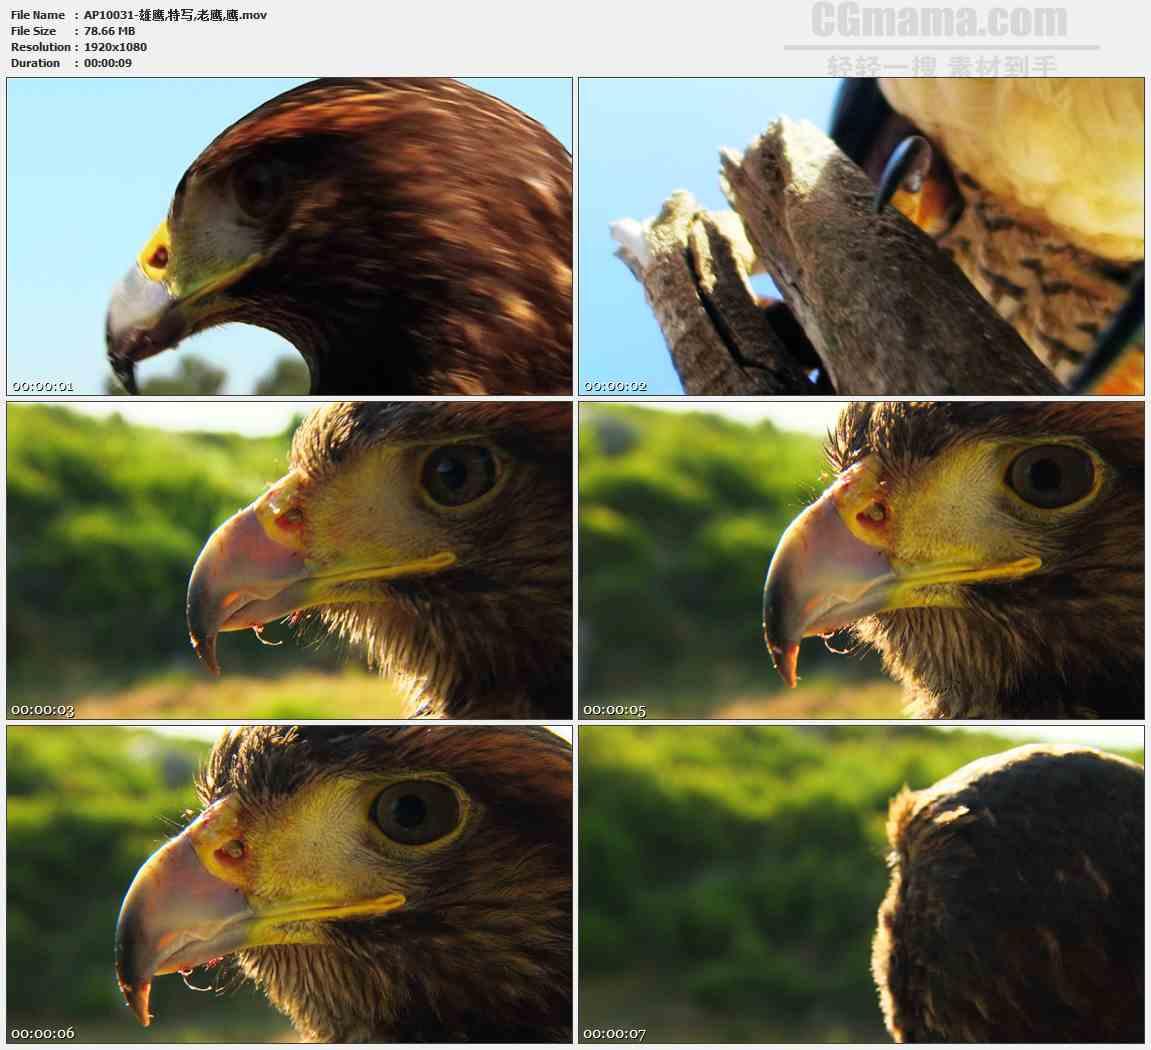 AP10031-老鹰鹰爪鹰头鹰眼高清实拍视频素材